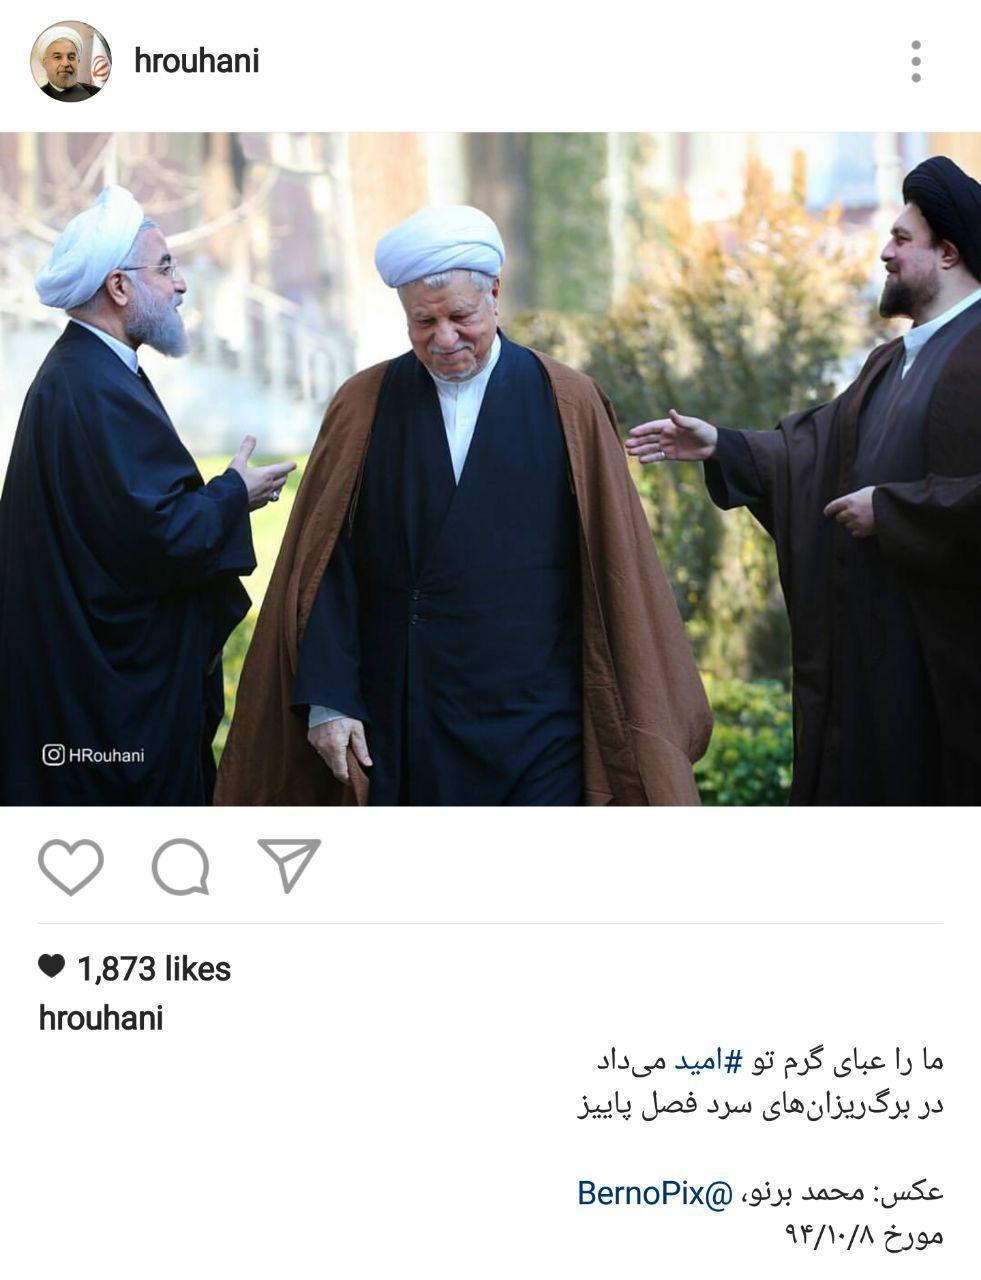 پست اینستاگرامی  رئیس جمهوری در هفتمین روز درگذشت آیتالله هاشمی رفسنجانی